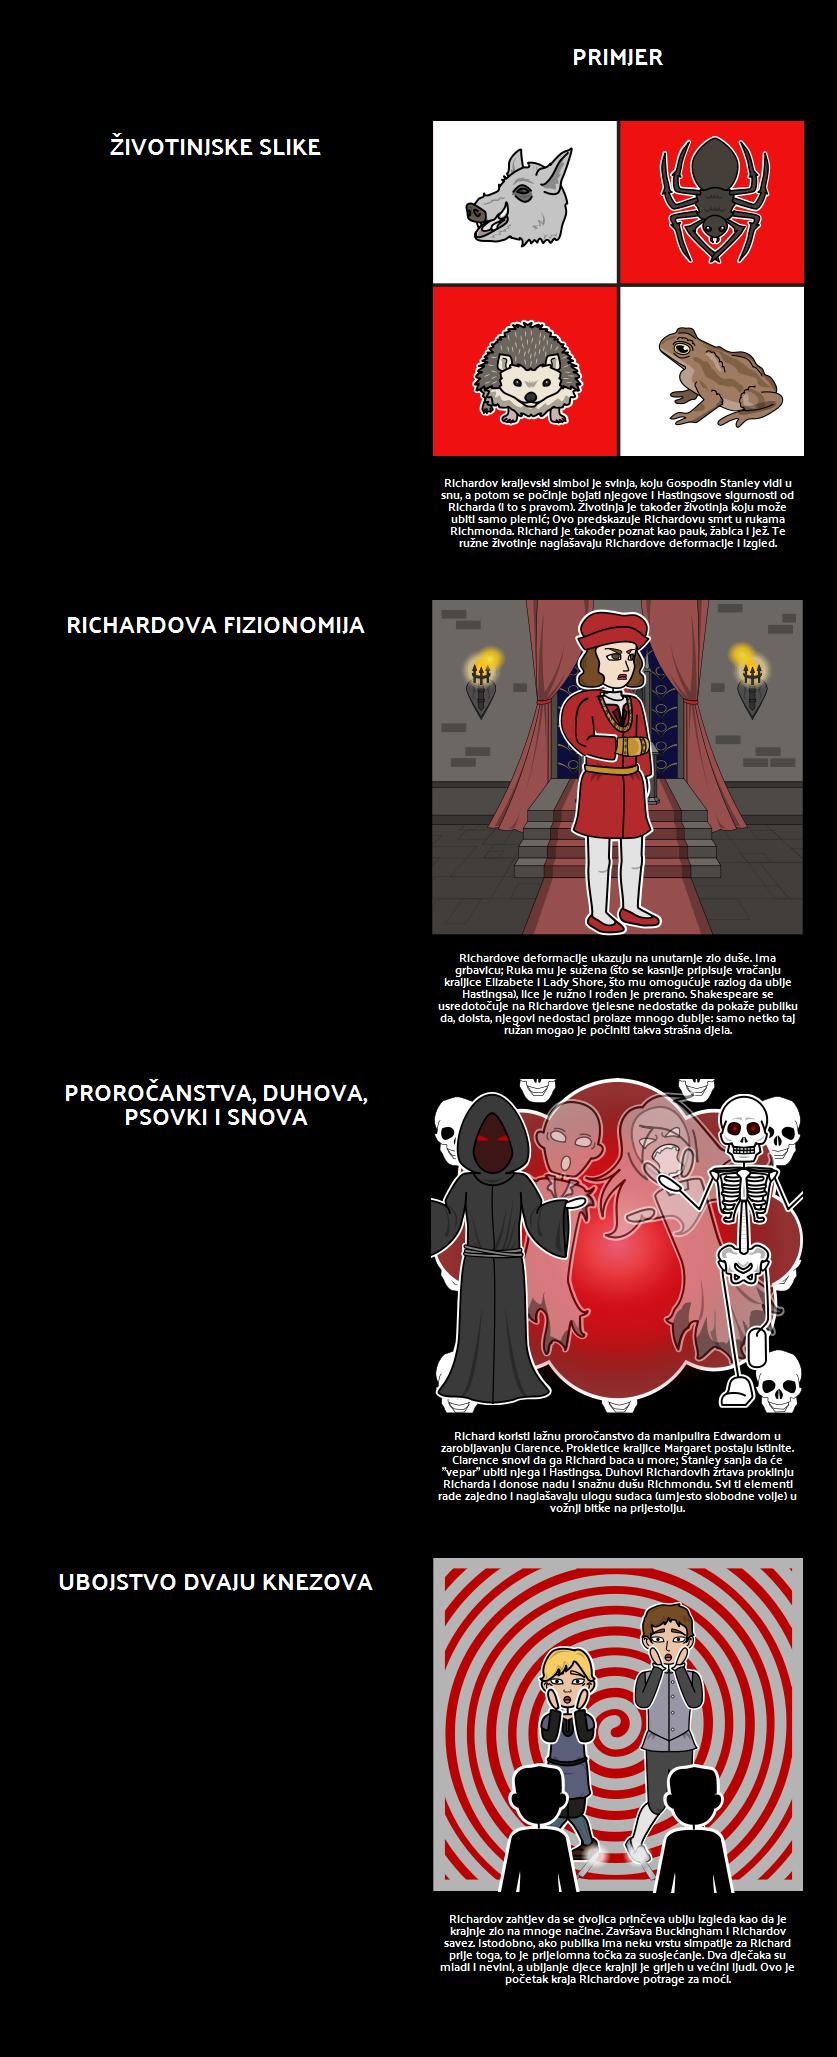 Teme, Motivi i Simboli u Tragediji Richarda III